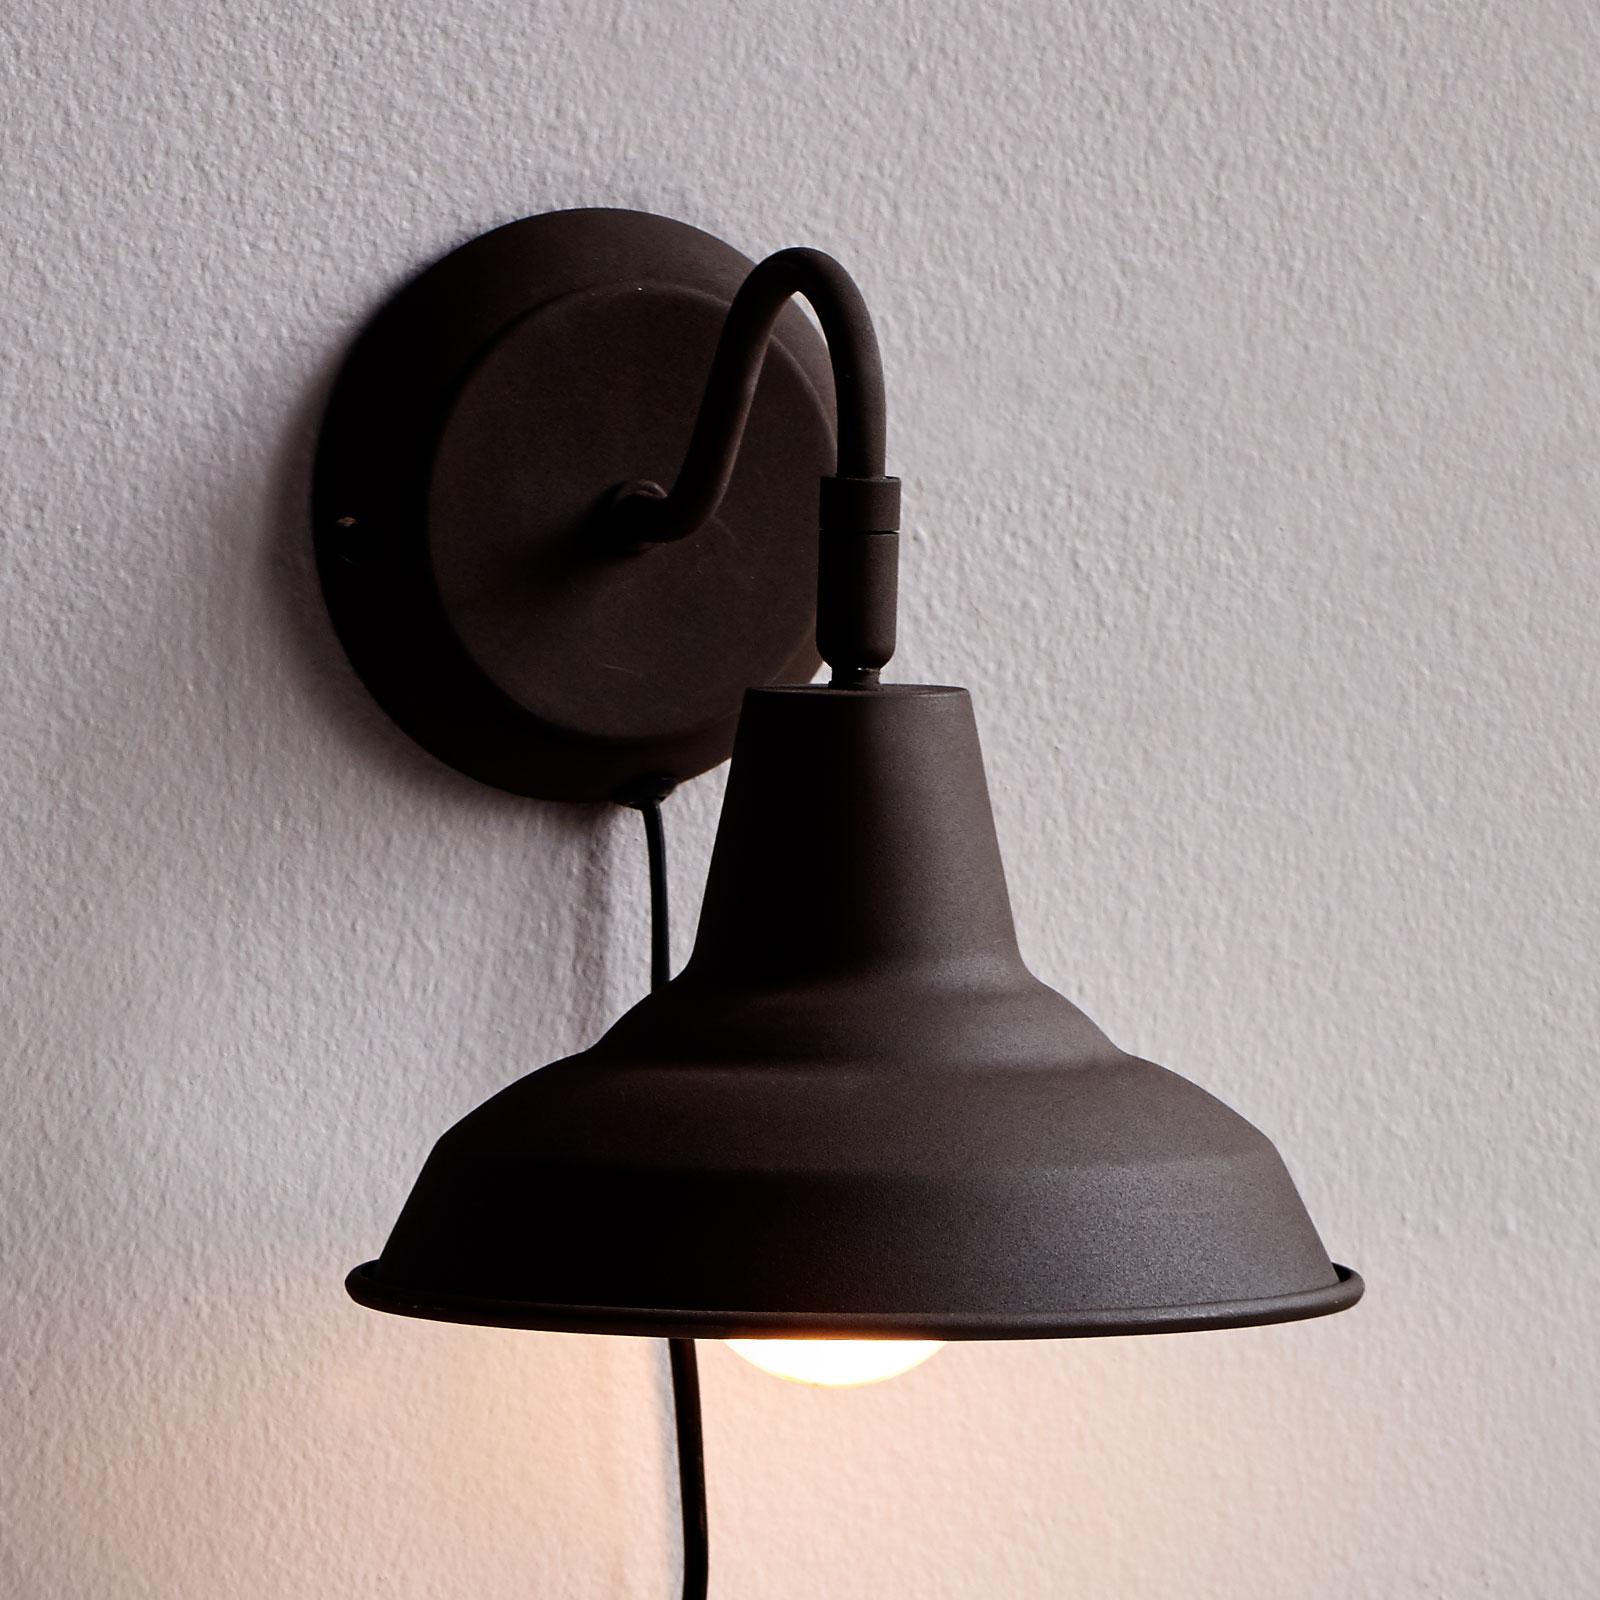 Wandlamp Andy in roest met kabel en stekker